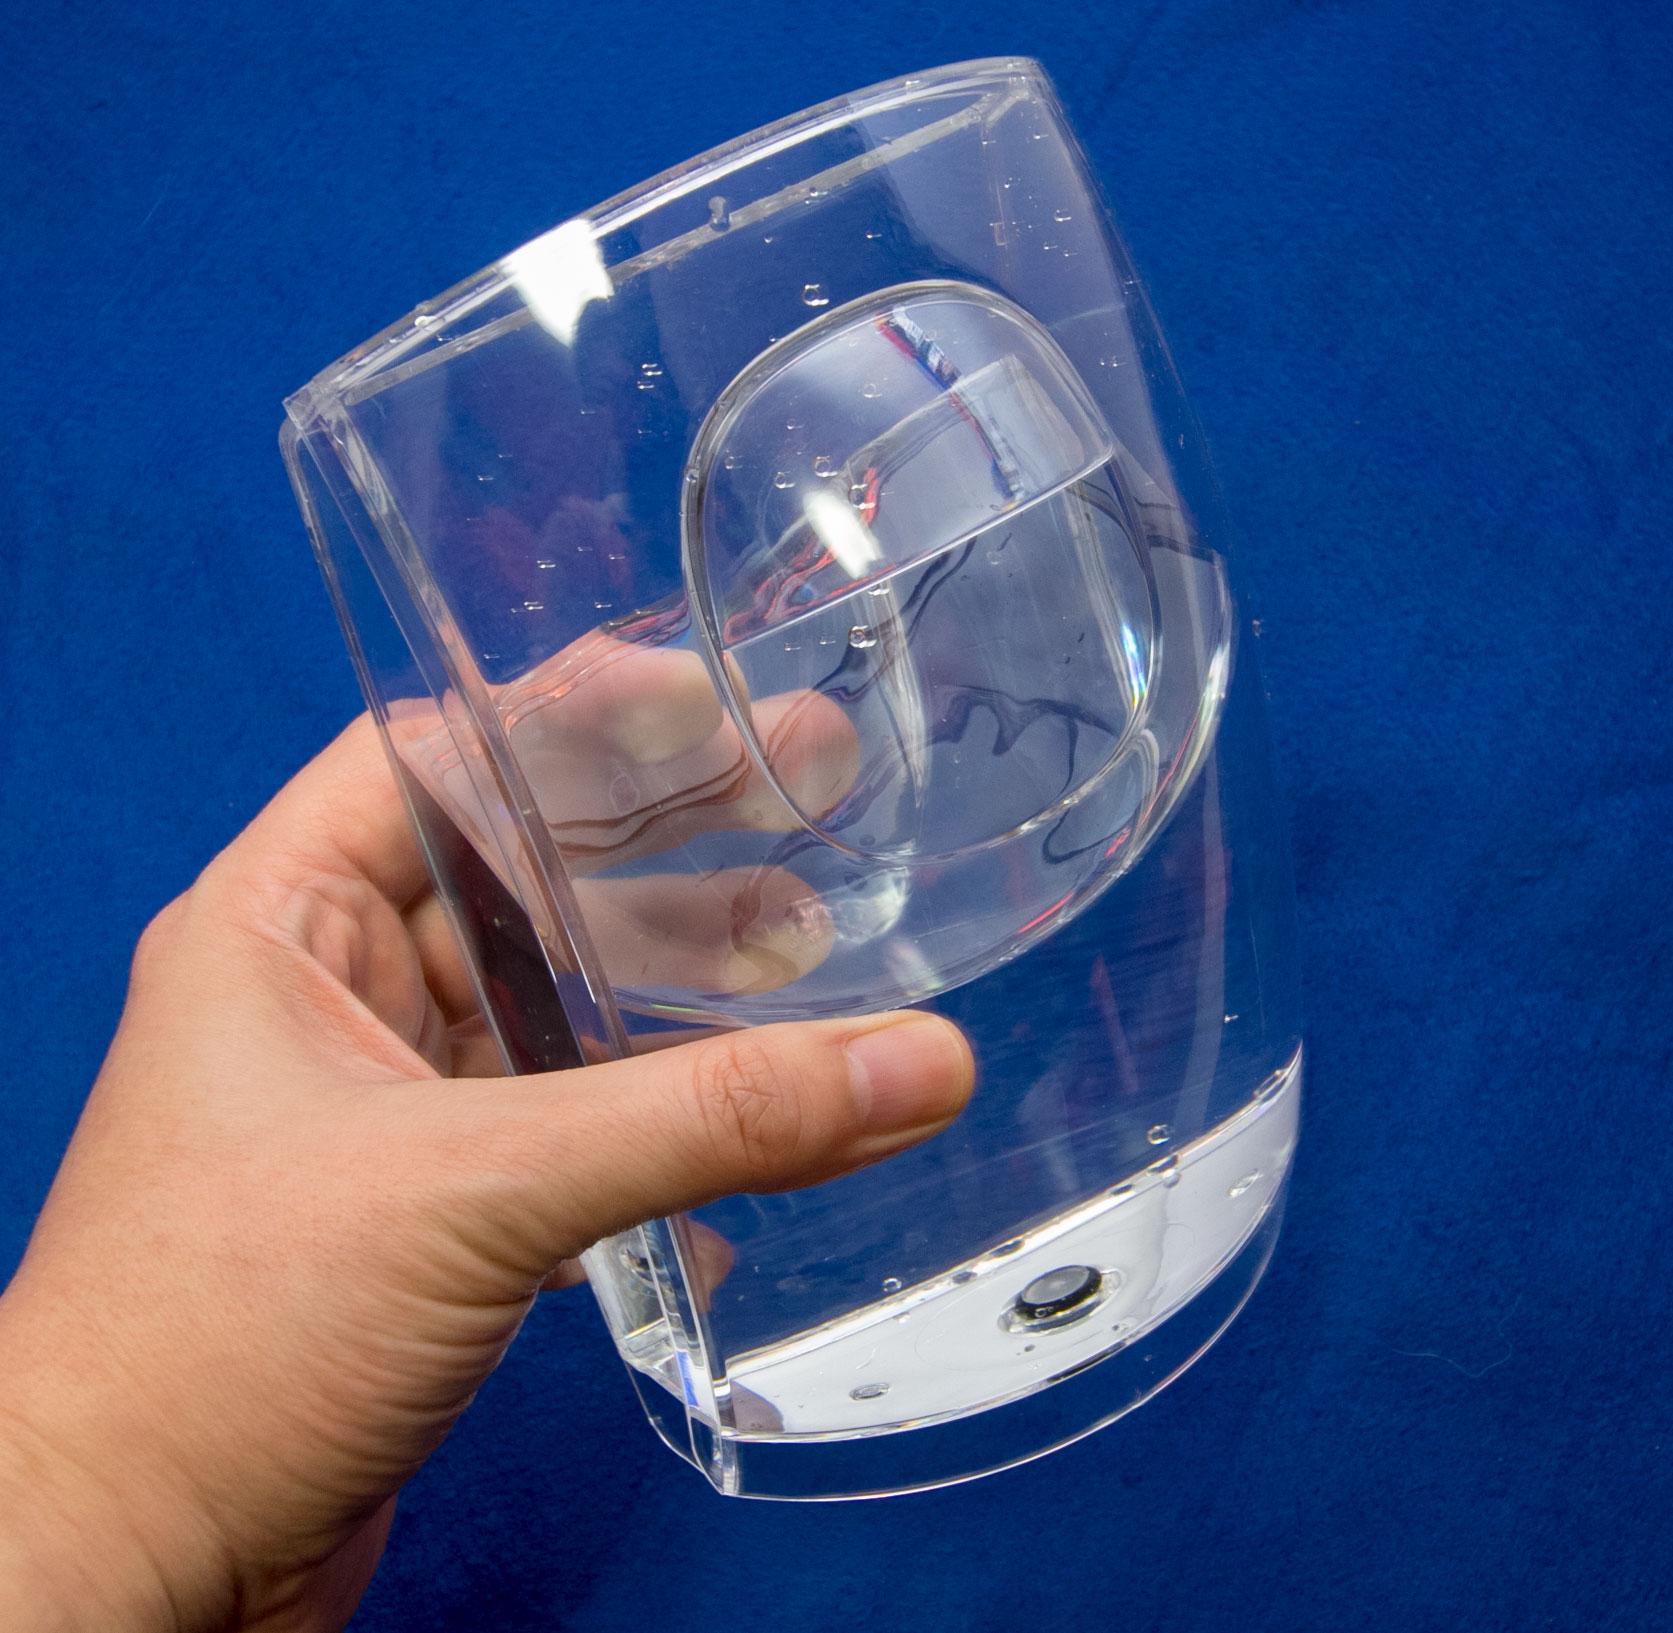 給水タンクを洗浄し給水する